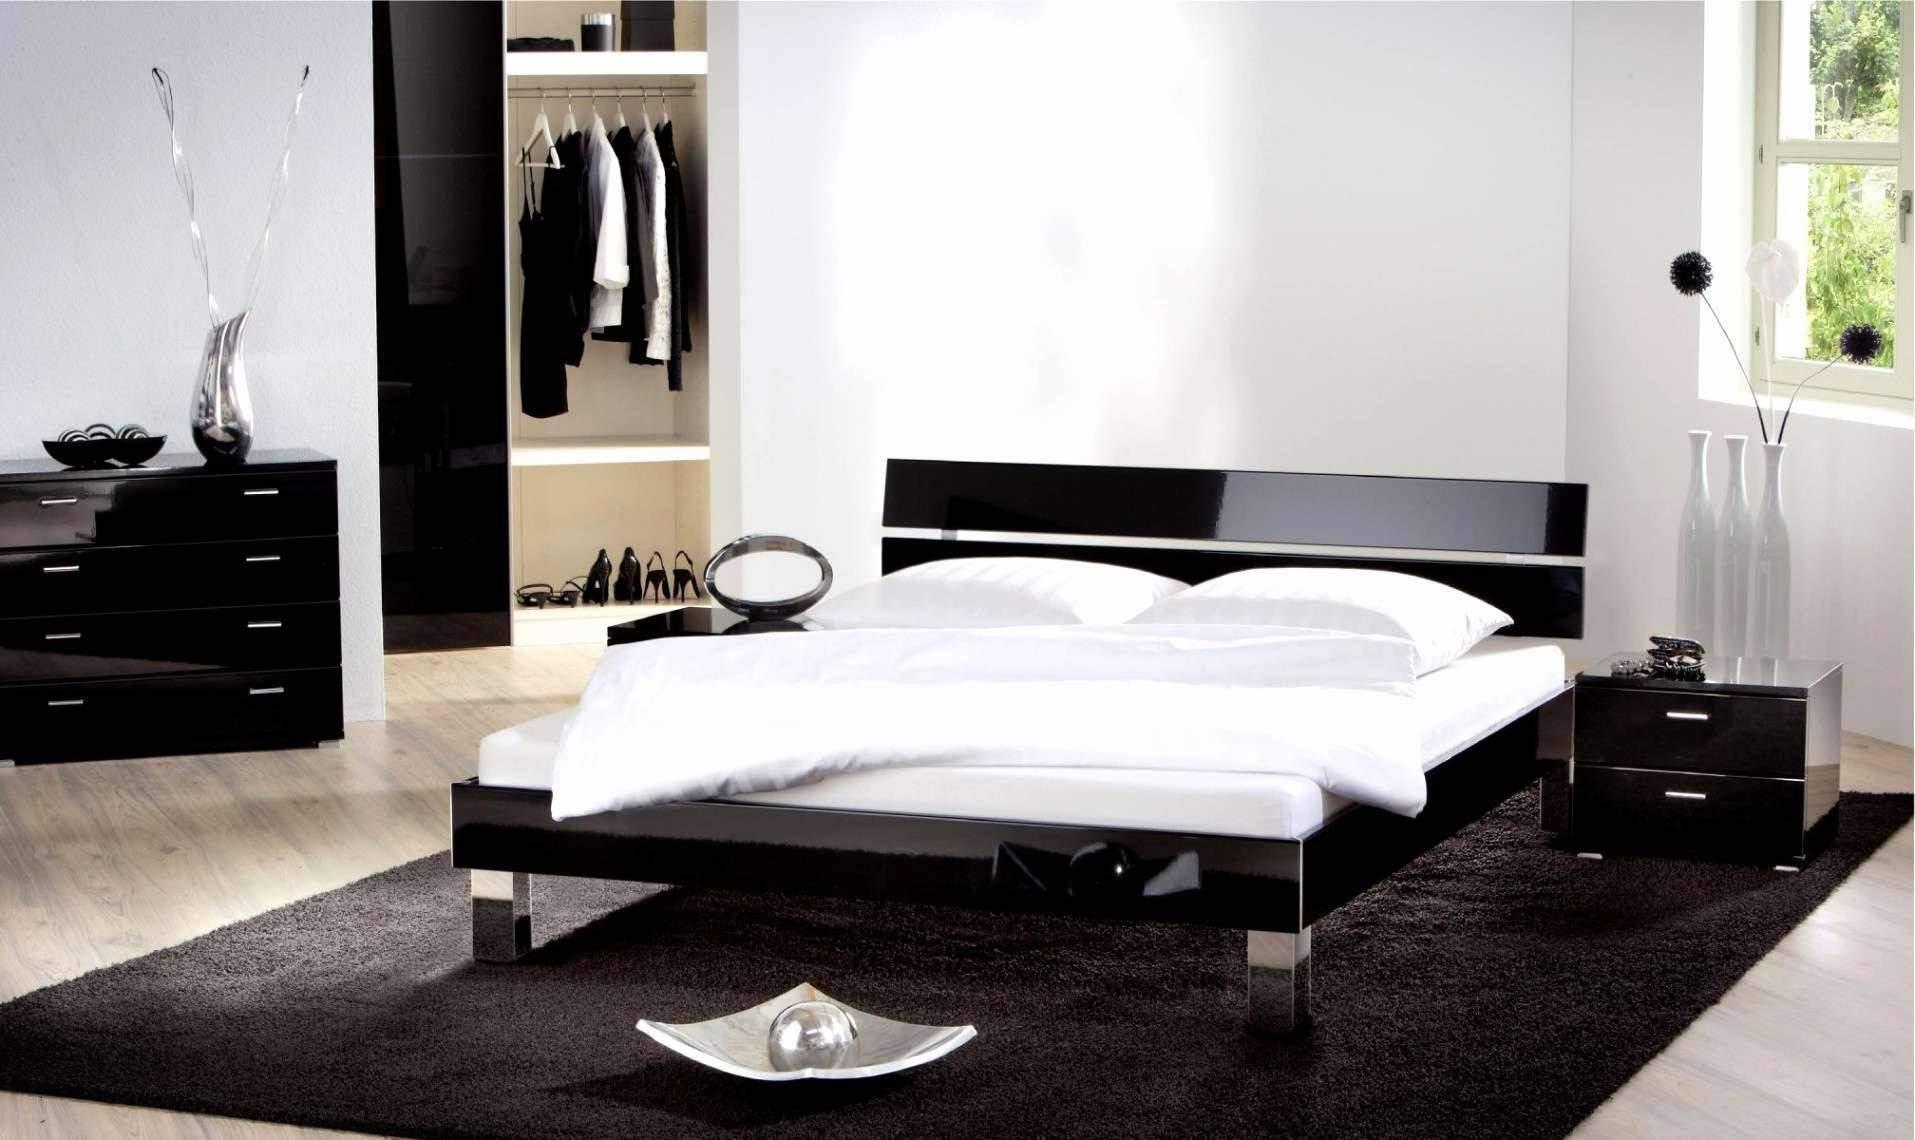 regalsystem wohnzimmer luxus tischdeko wohnzimmer frisch das beste von deko ideen diy of regalsystem wohnzimmer